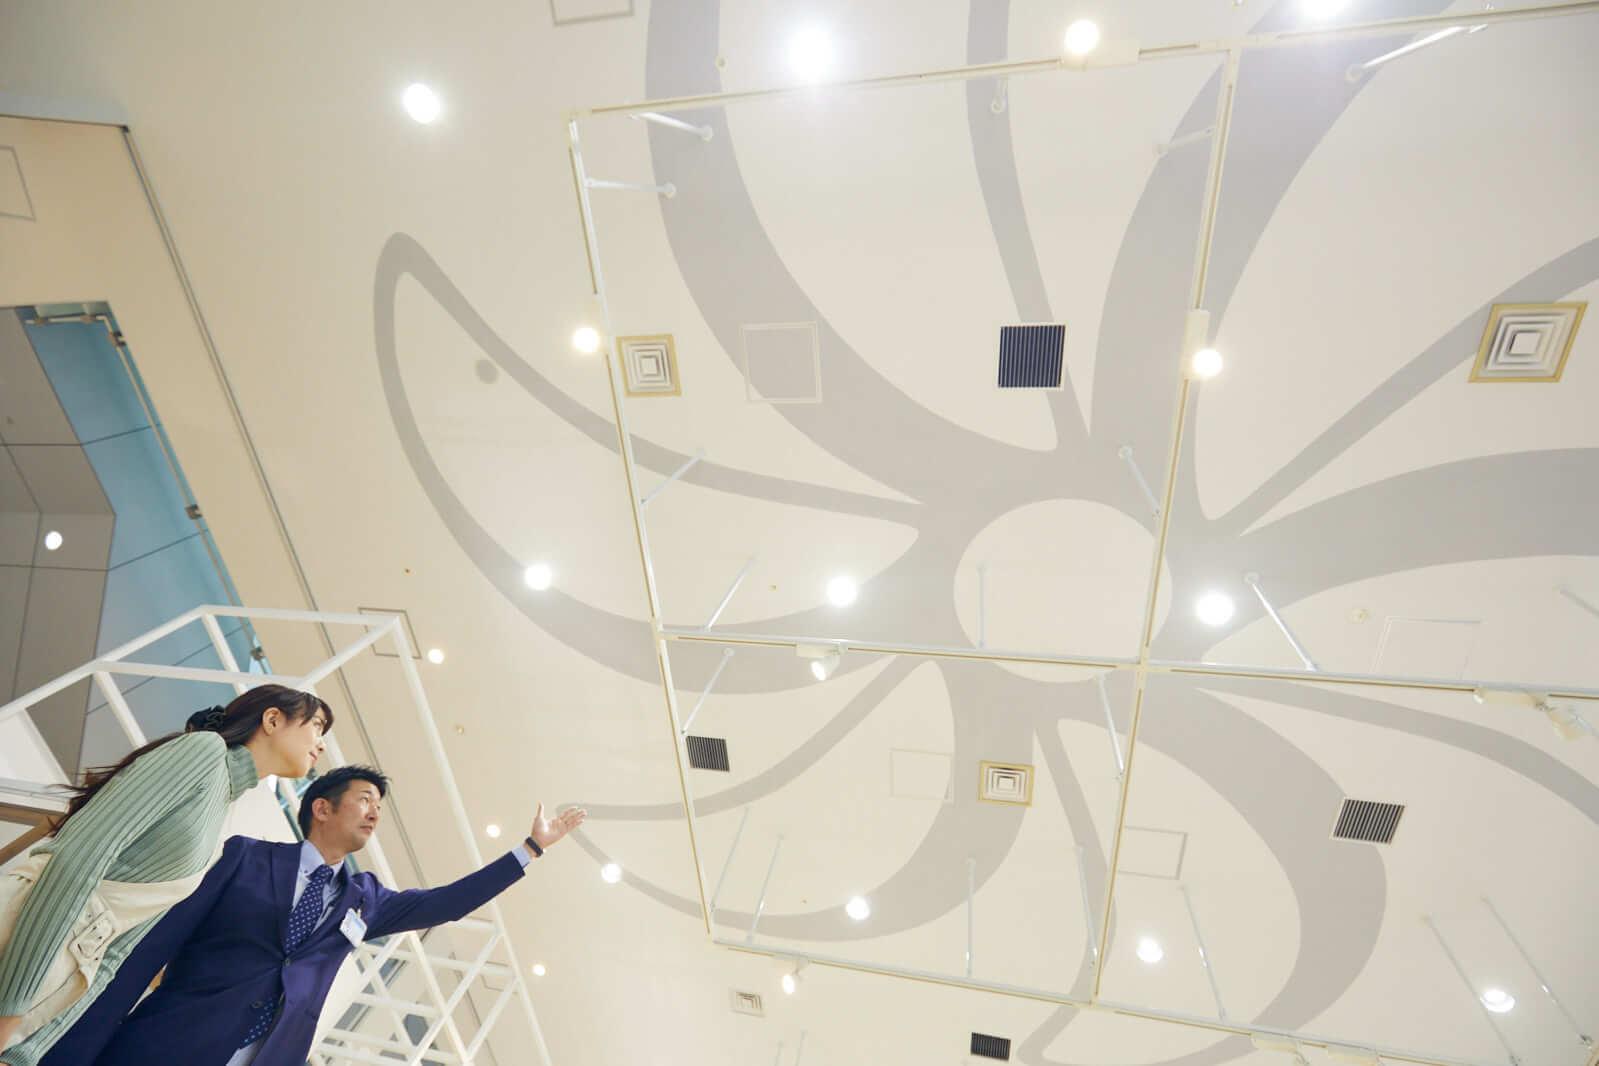 大阪ガス ハグミュージアム 料金